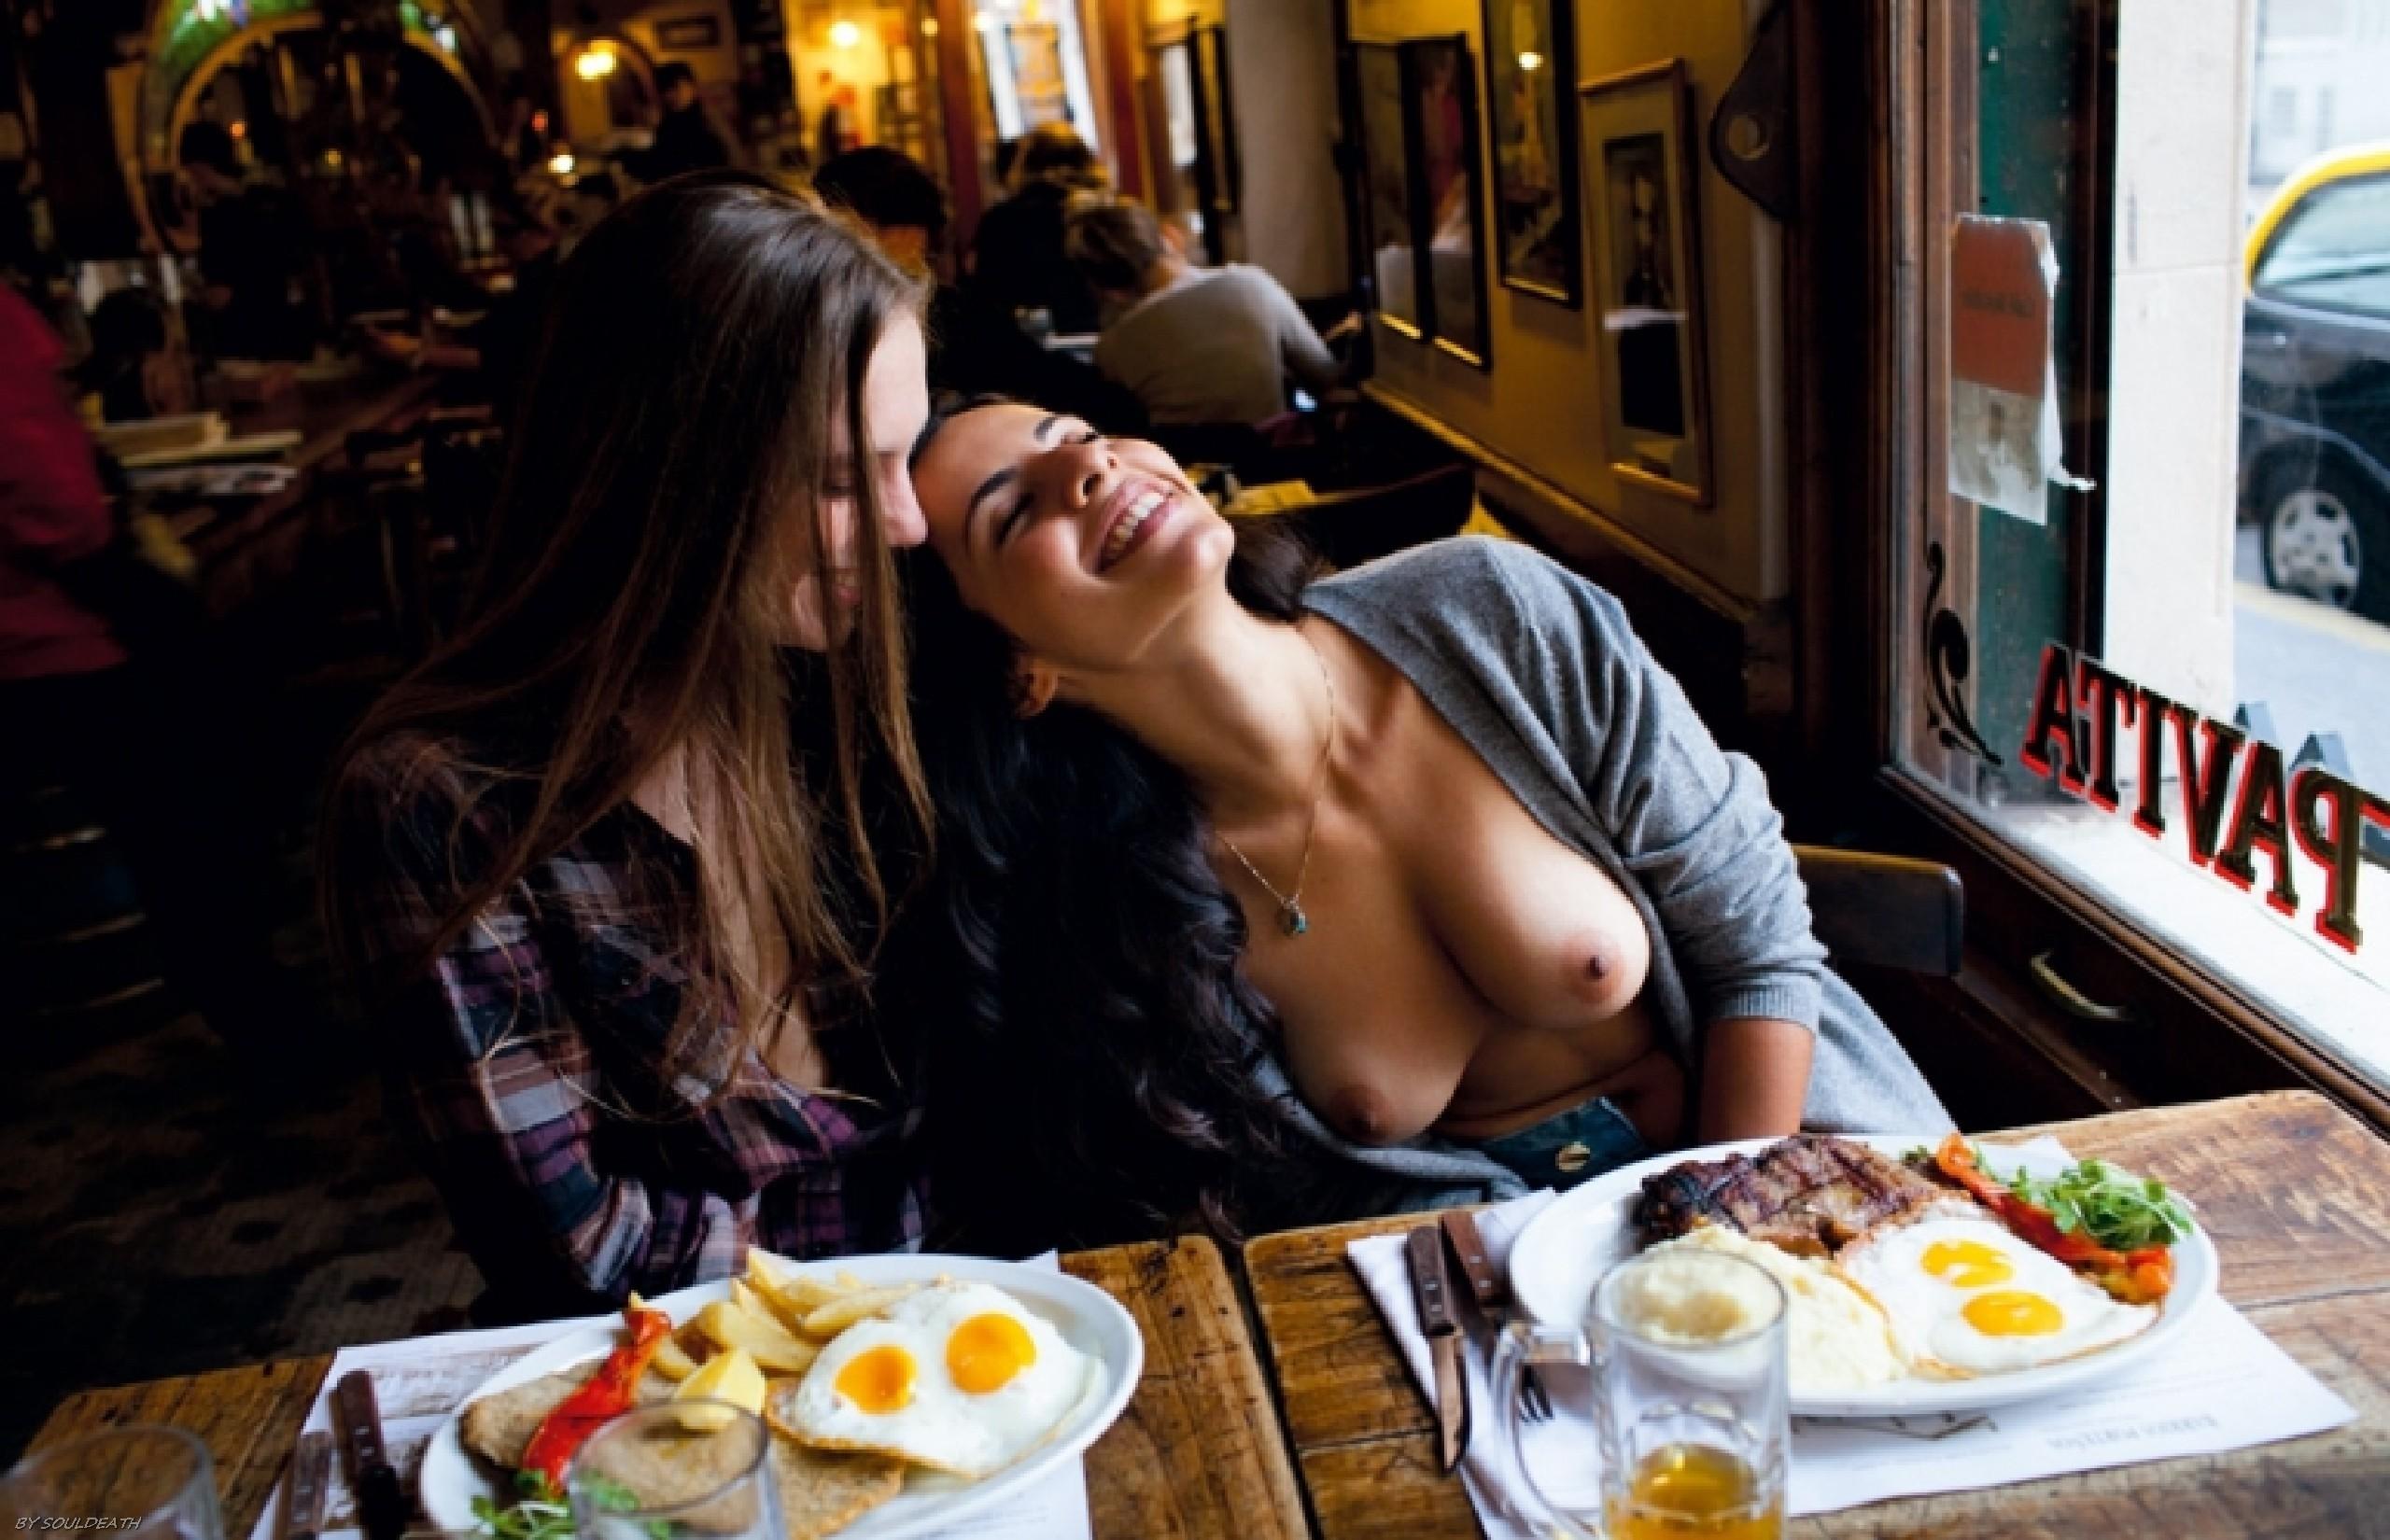 Эротика в ресторан, порно фильмы с красивыми моделями пентхауса